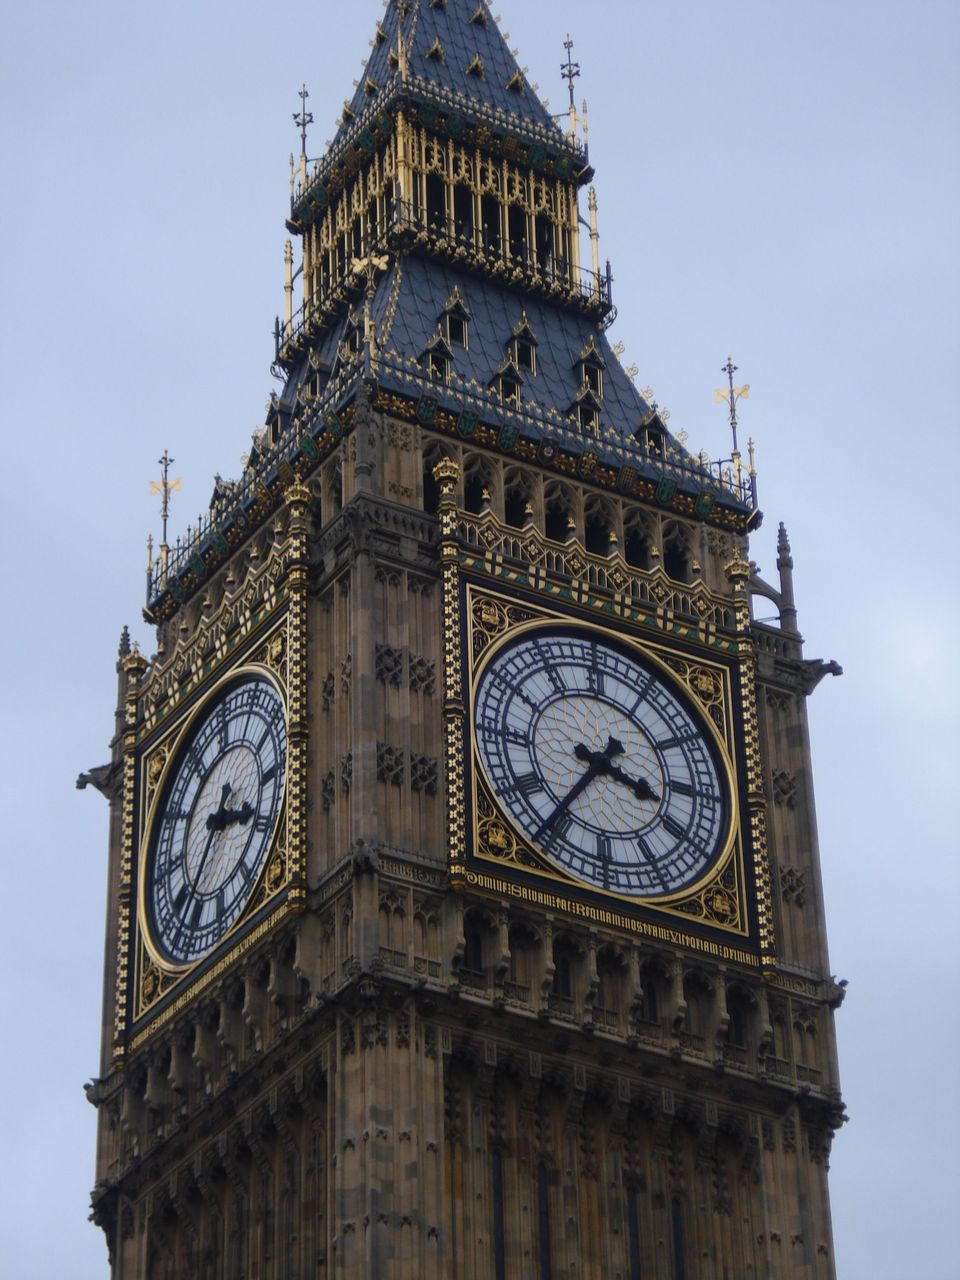 世界各地的标志性建筑:英国